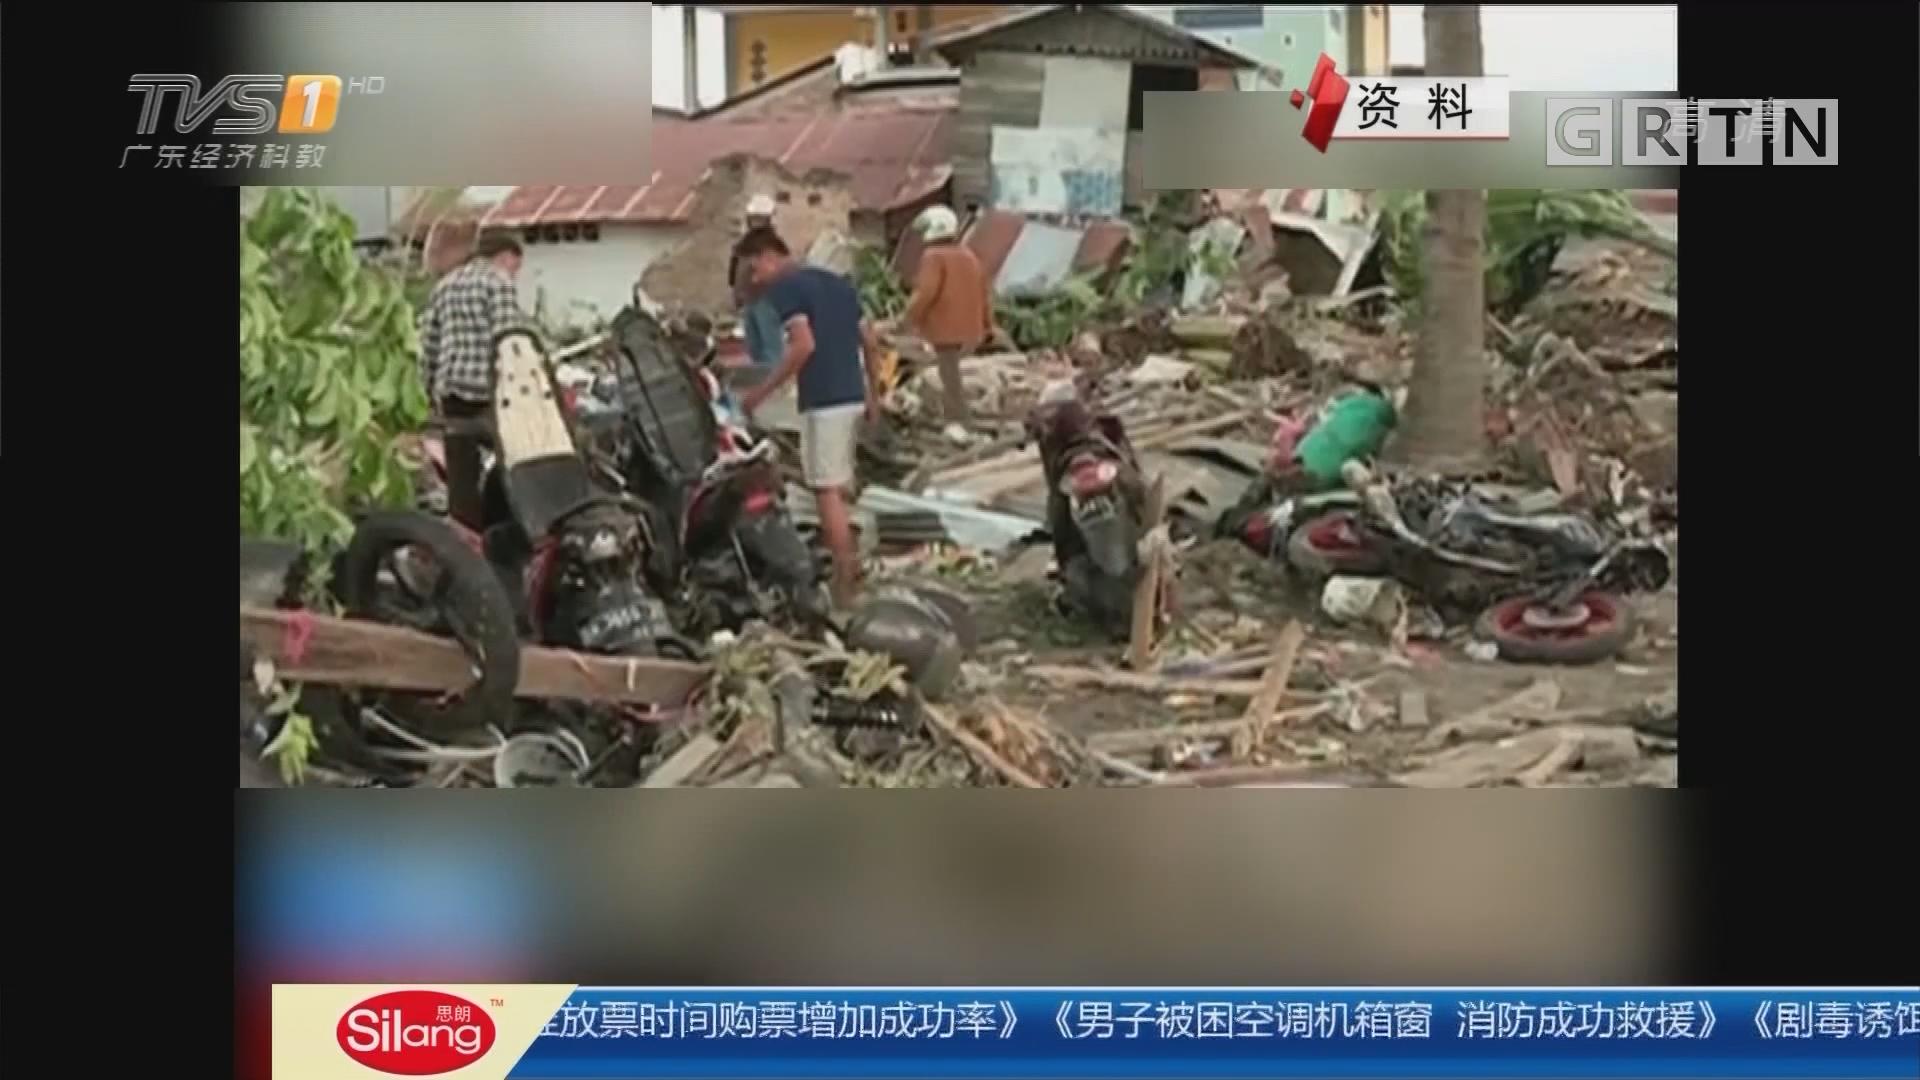 印尼海啸:印尼海啸已致168人死亡 数百人受伤